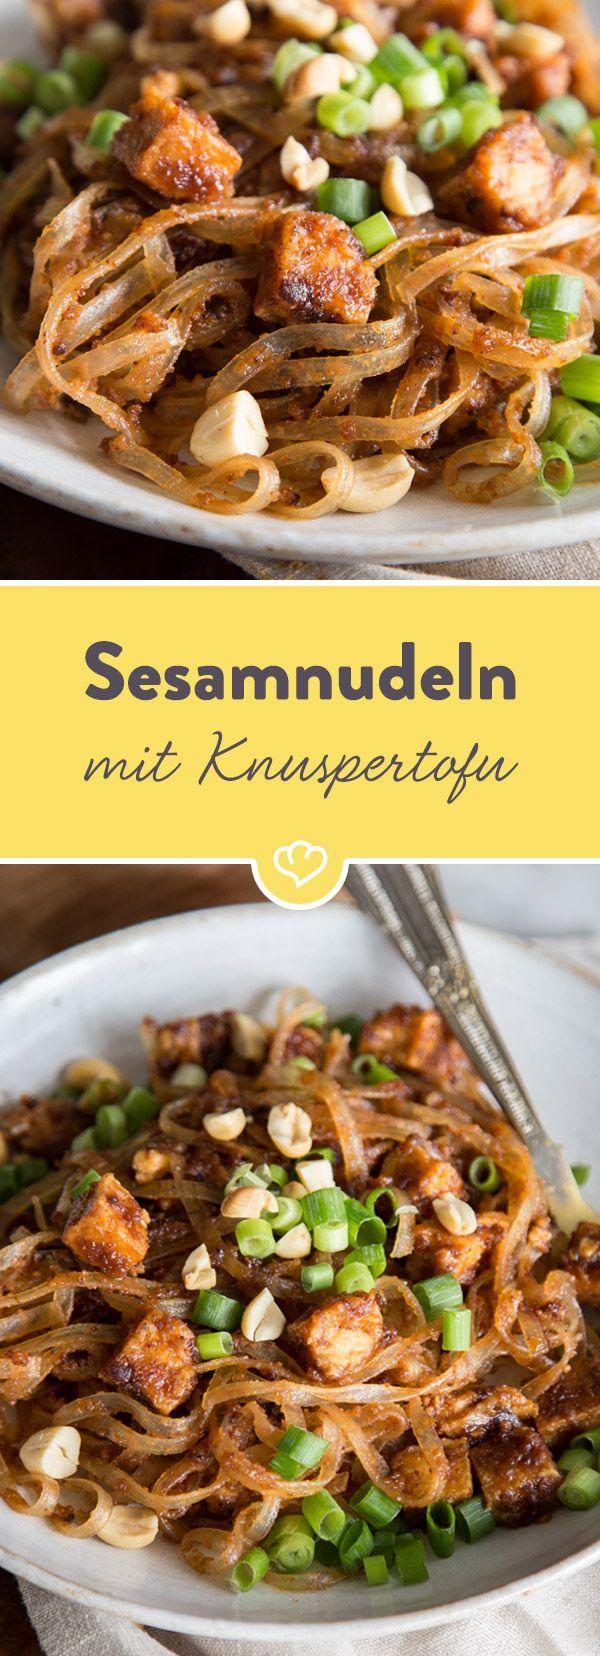 Photo of Flight made: Sesame noodles with Knuspertofu